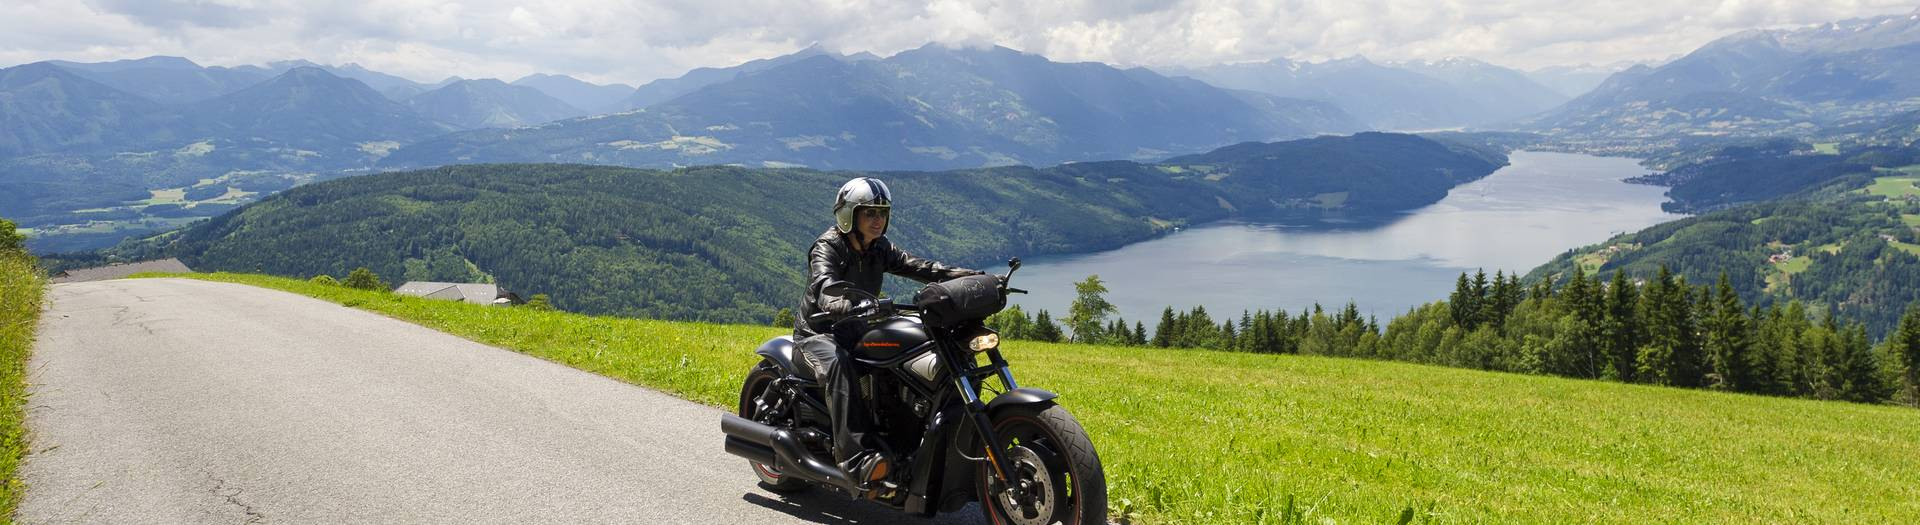 c FranzGERDL MILLSEE Motorrad 9141 quer